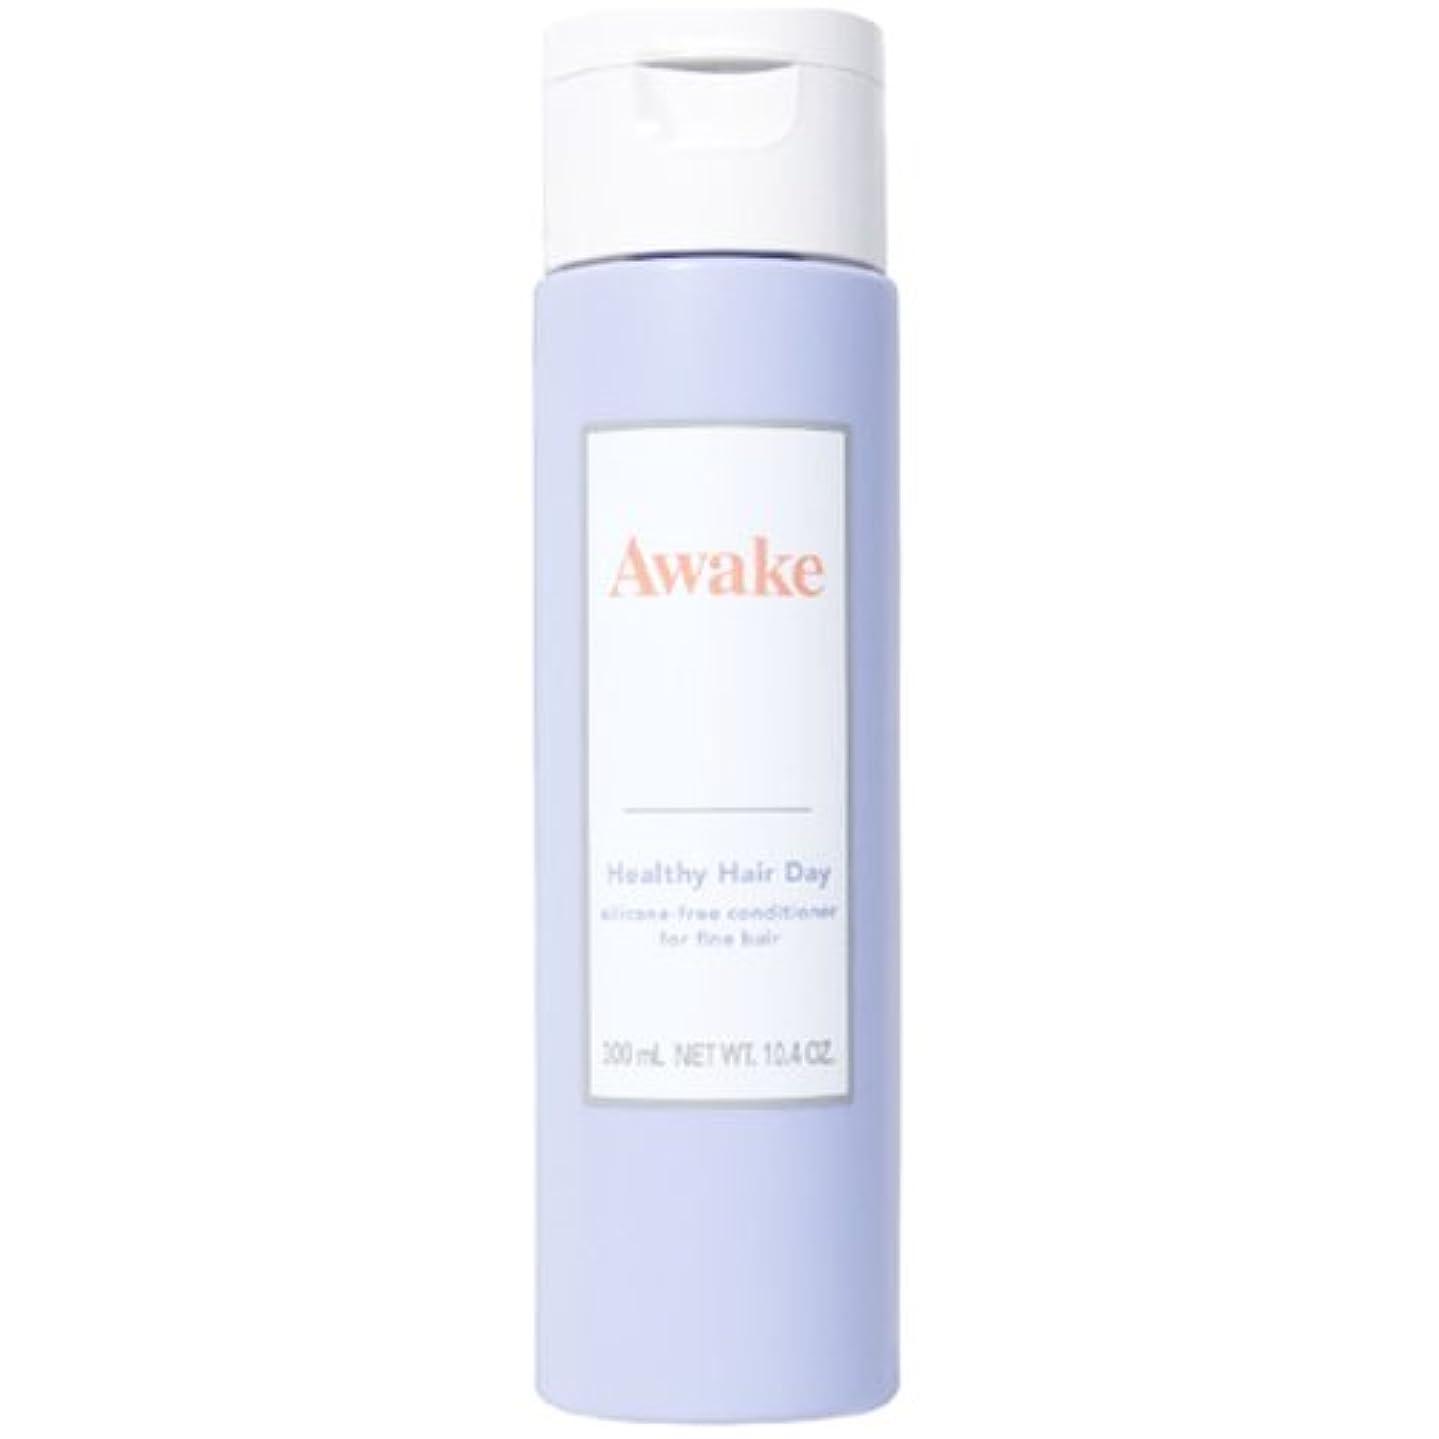 睡眠半円数アウェイク(AWAKE) Awake(アウェイク) ヘルシーヘアデイ シリコーンフリー ヘアコンディショナー ハリコシアップヘア用 (300mL)